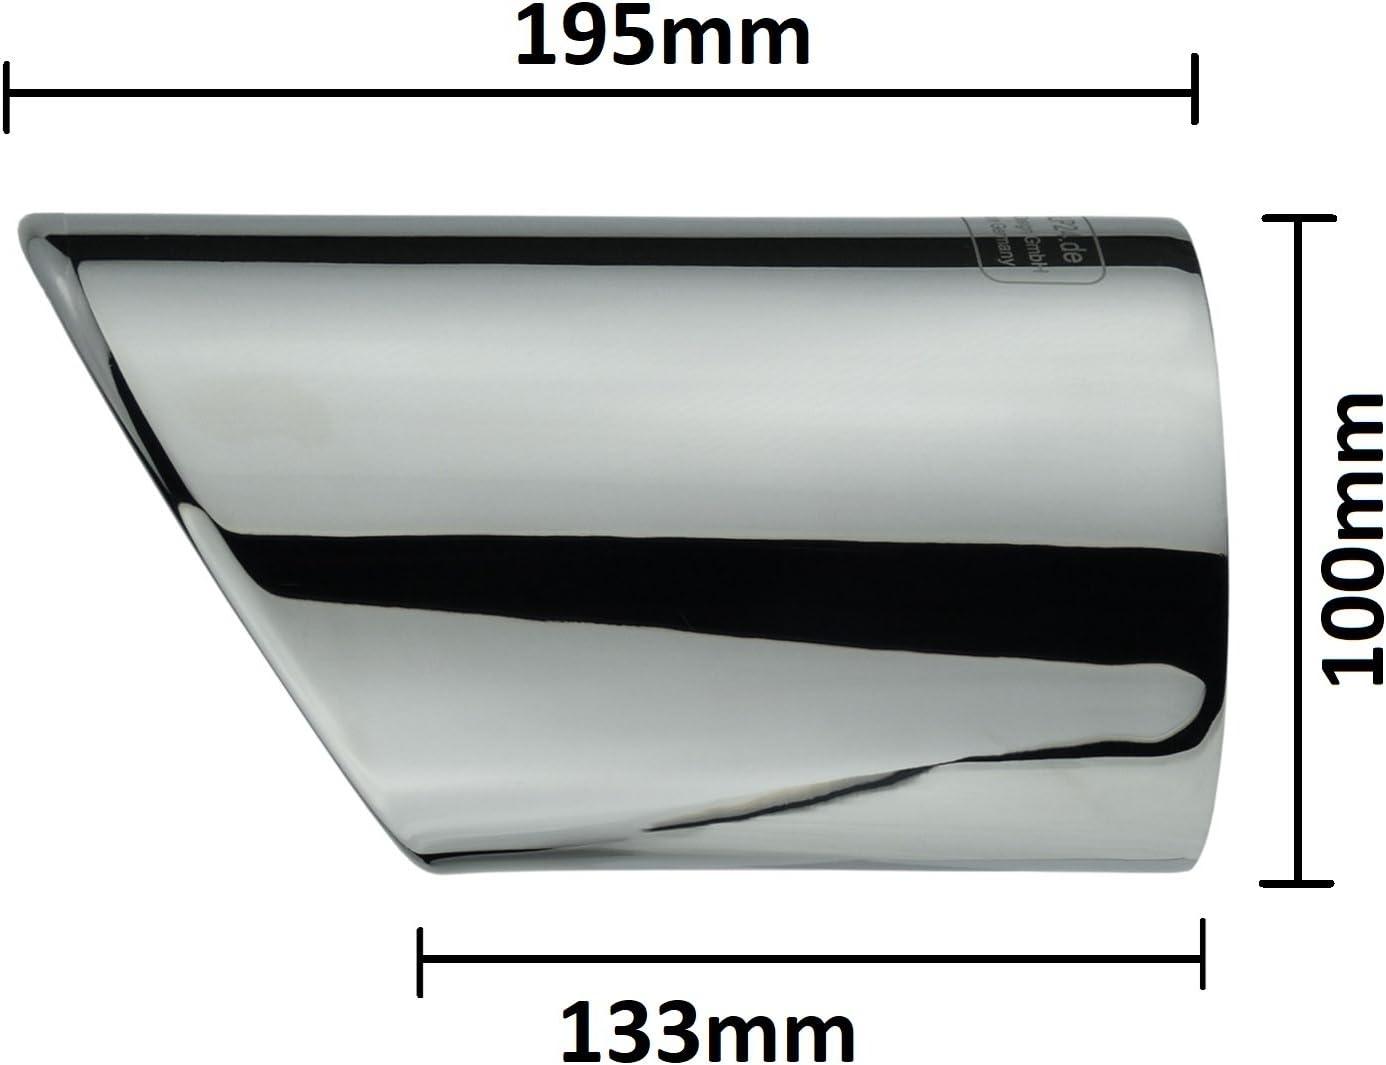 L /& P A298/2/scarico terminale di scarico in acciaio inox lucidato a specchio Plug /& Play cromato endrohr blenden endrohr apertura di scarico endrohre